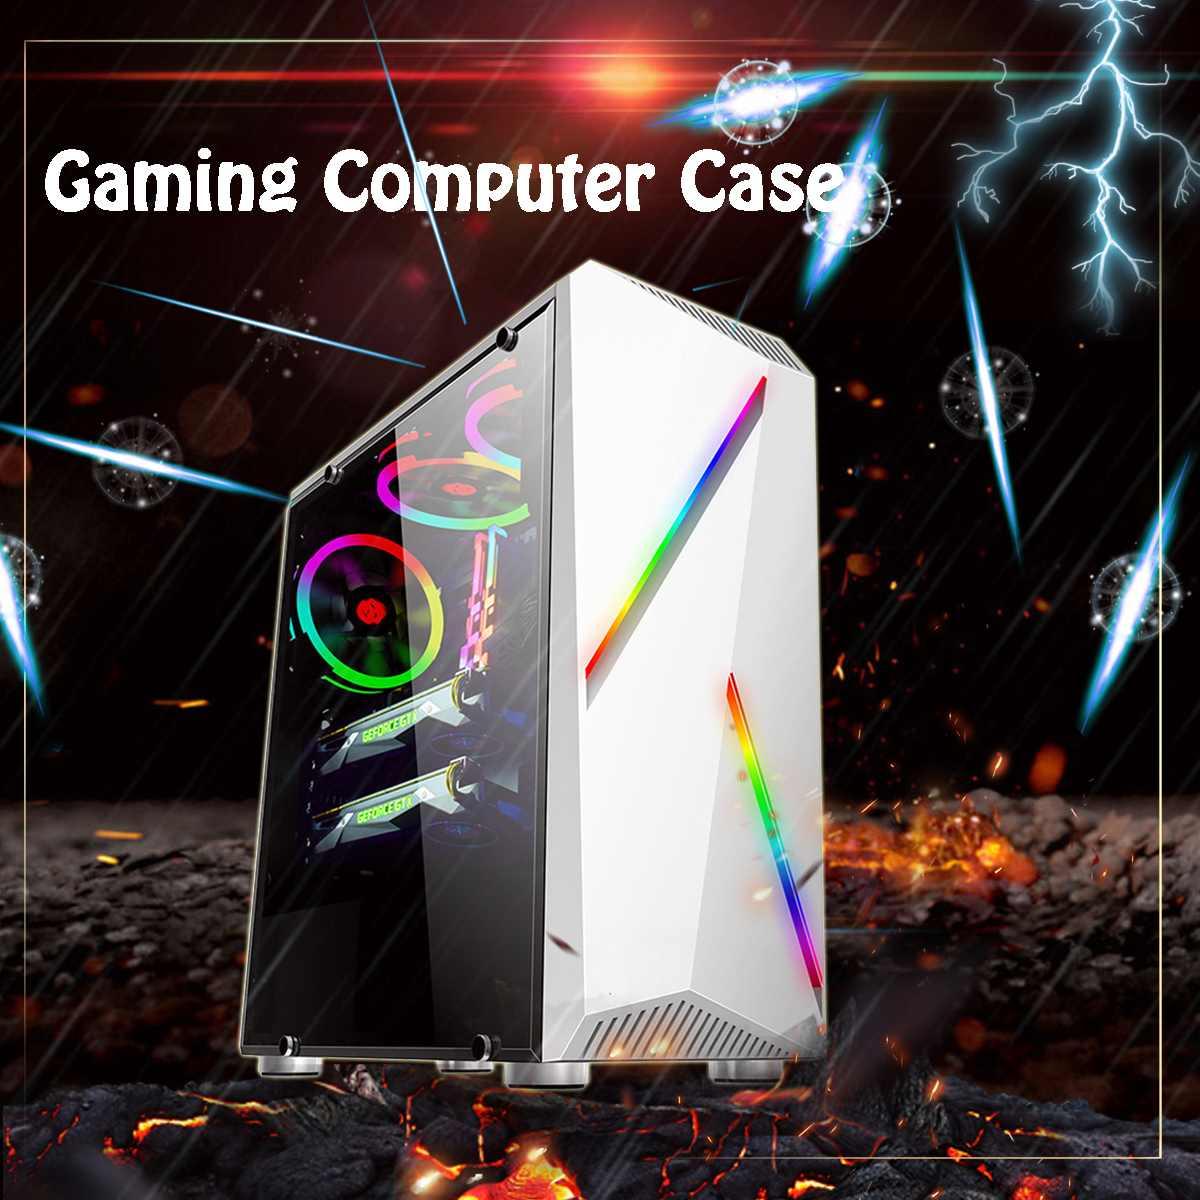 LEORY funda de ordenador Transparente para Gaming ATX Audio con 2 tiras de luz que cambian de Color RGB 350X170X420mm